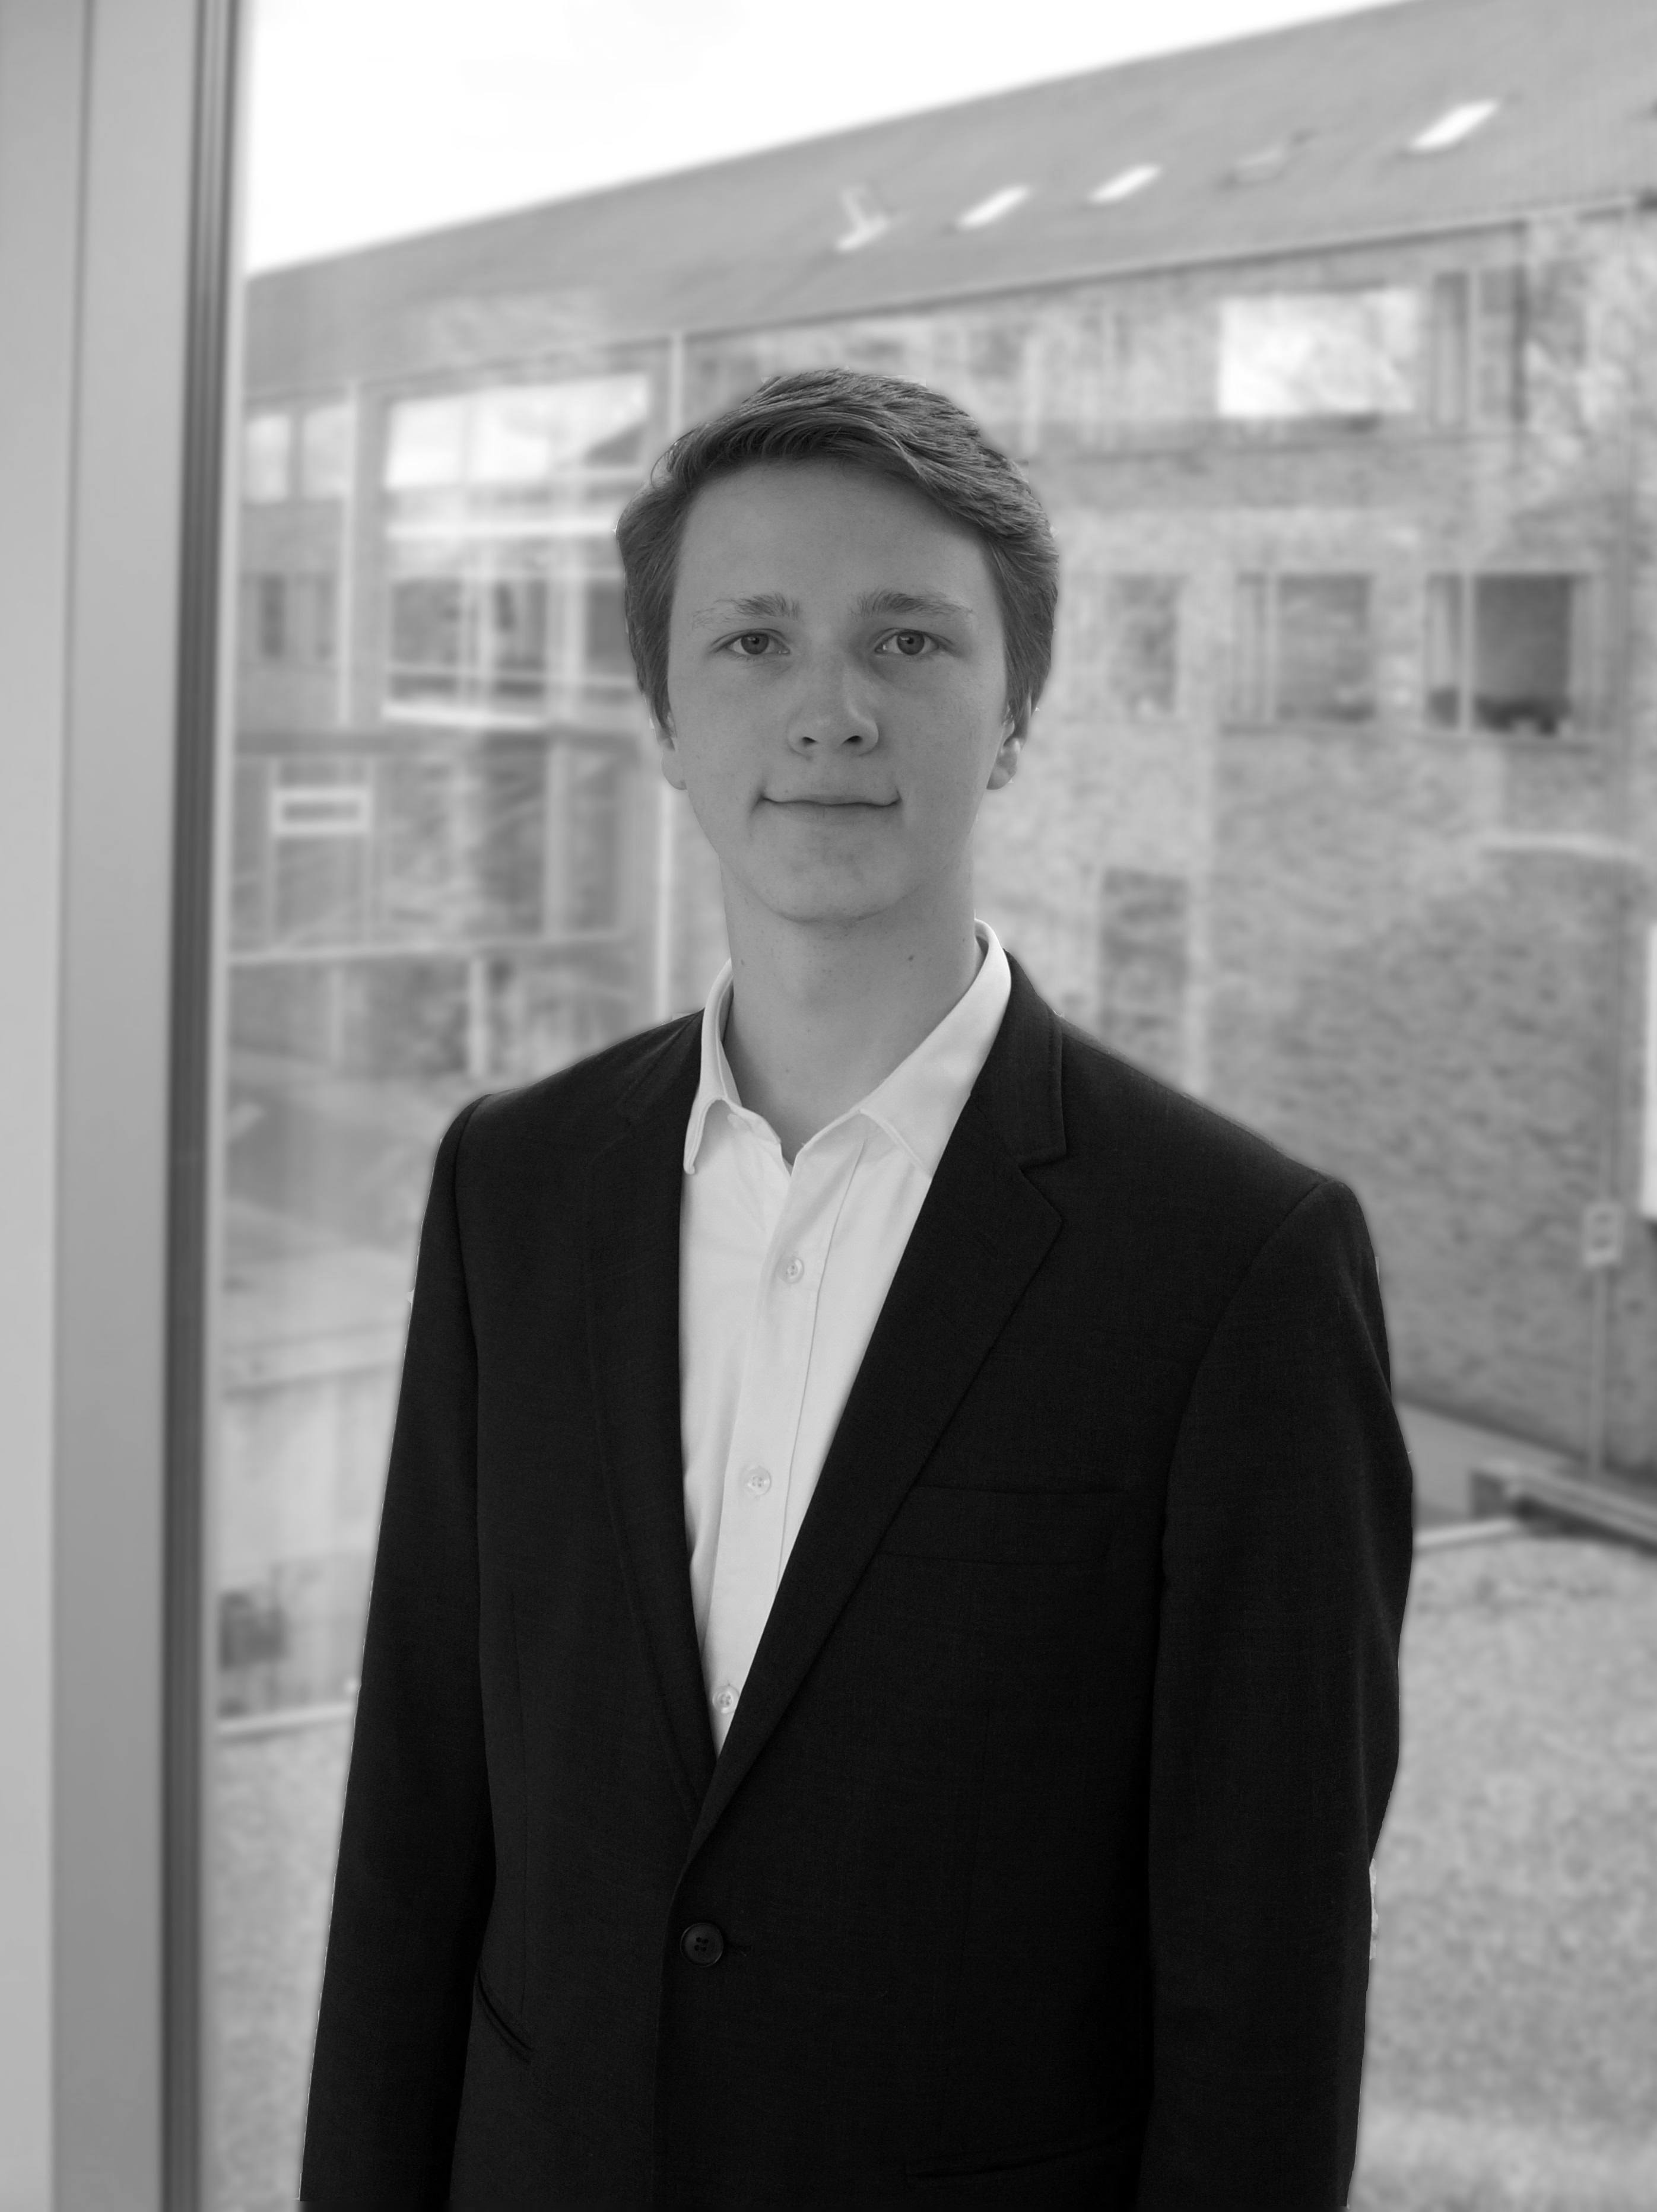 Lukas Barslund Hedegaard